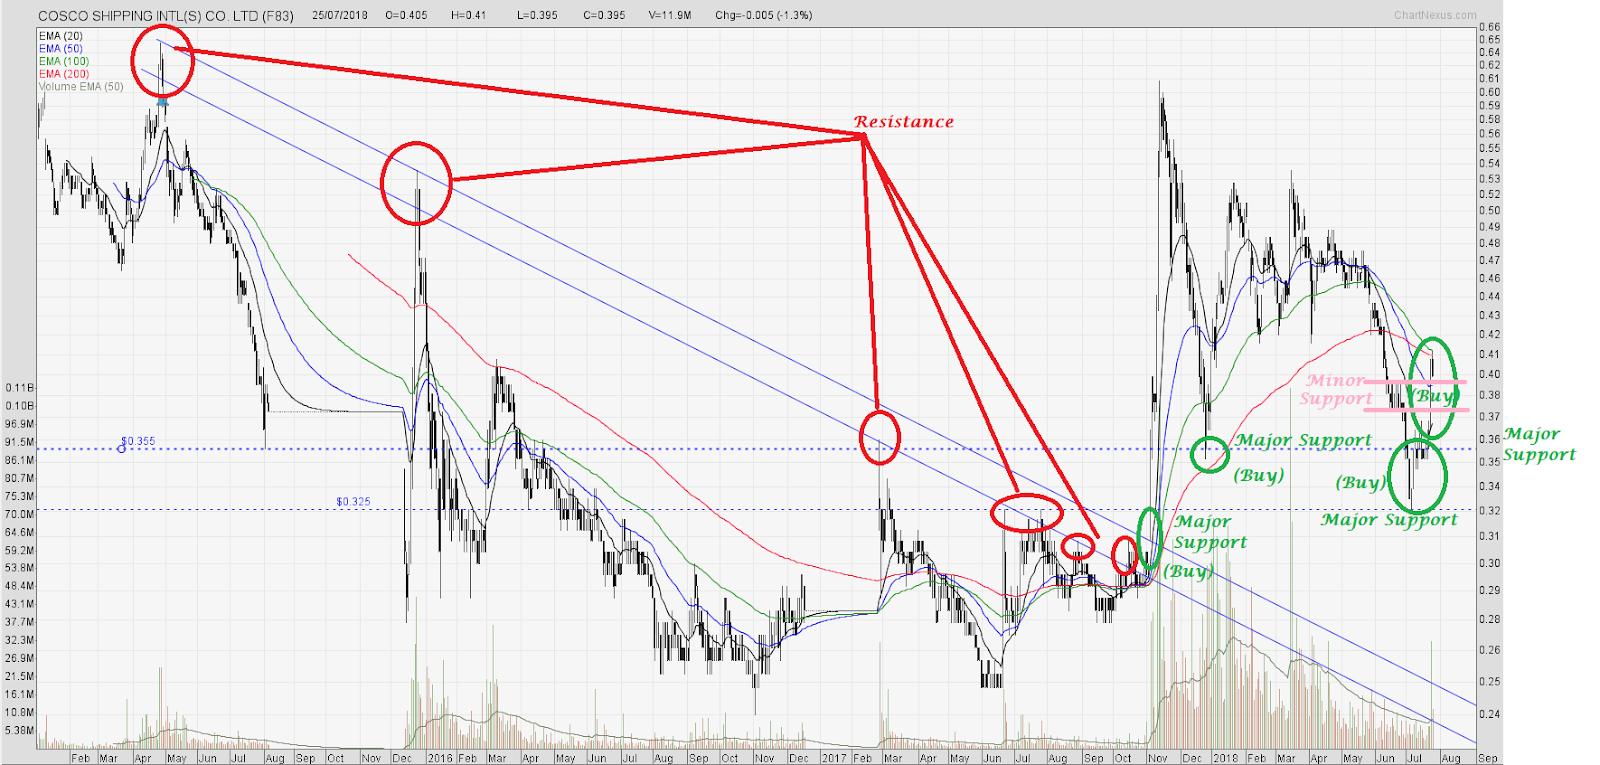 Donovan Norfolk's Market Analysis: Cosco Shipping